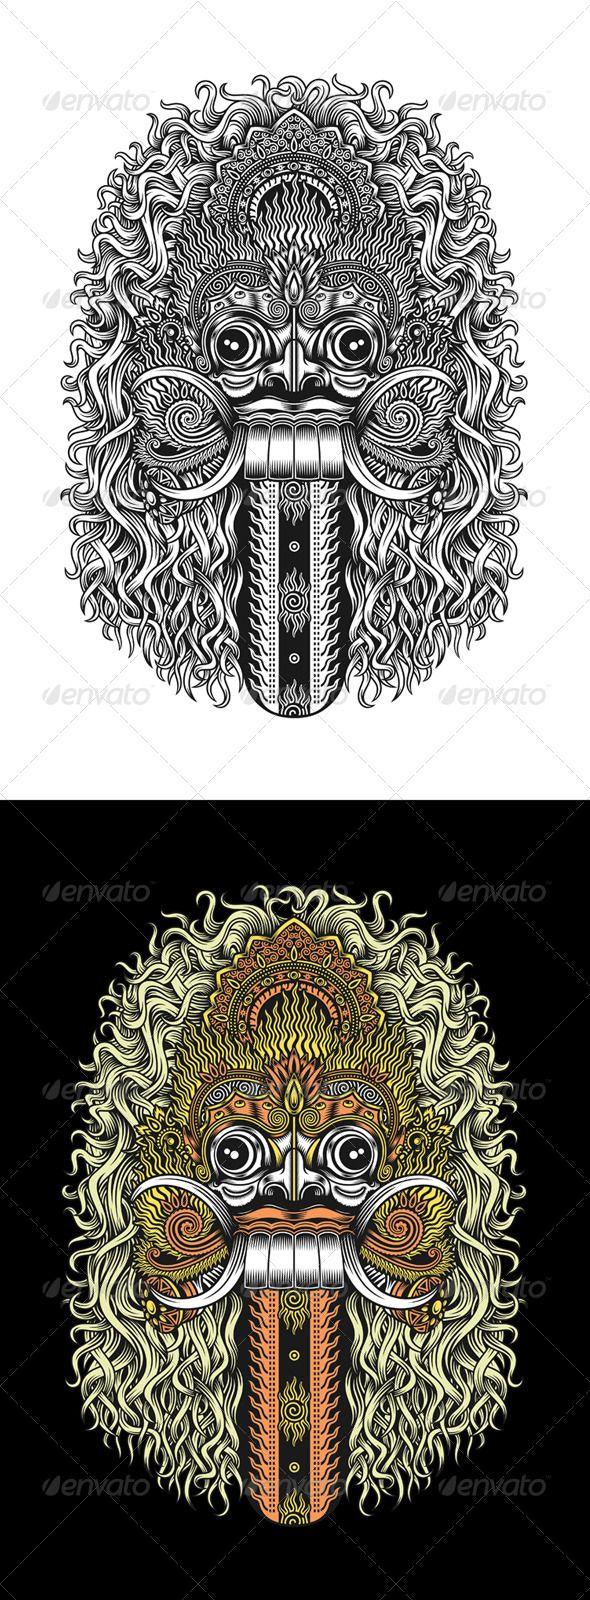 Great detailed drawing of the Balinese rangda mask